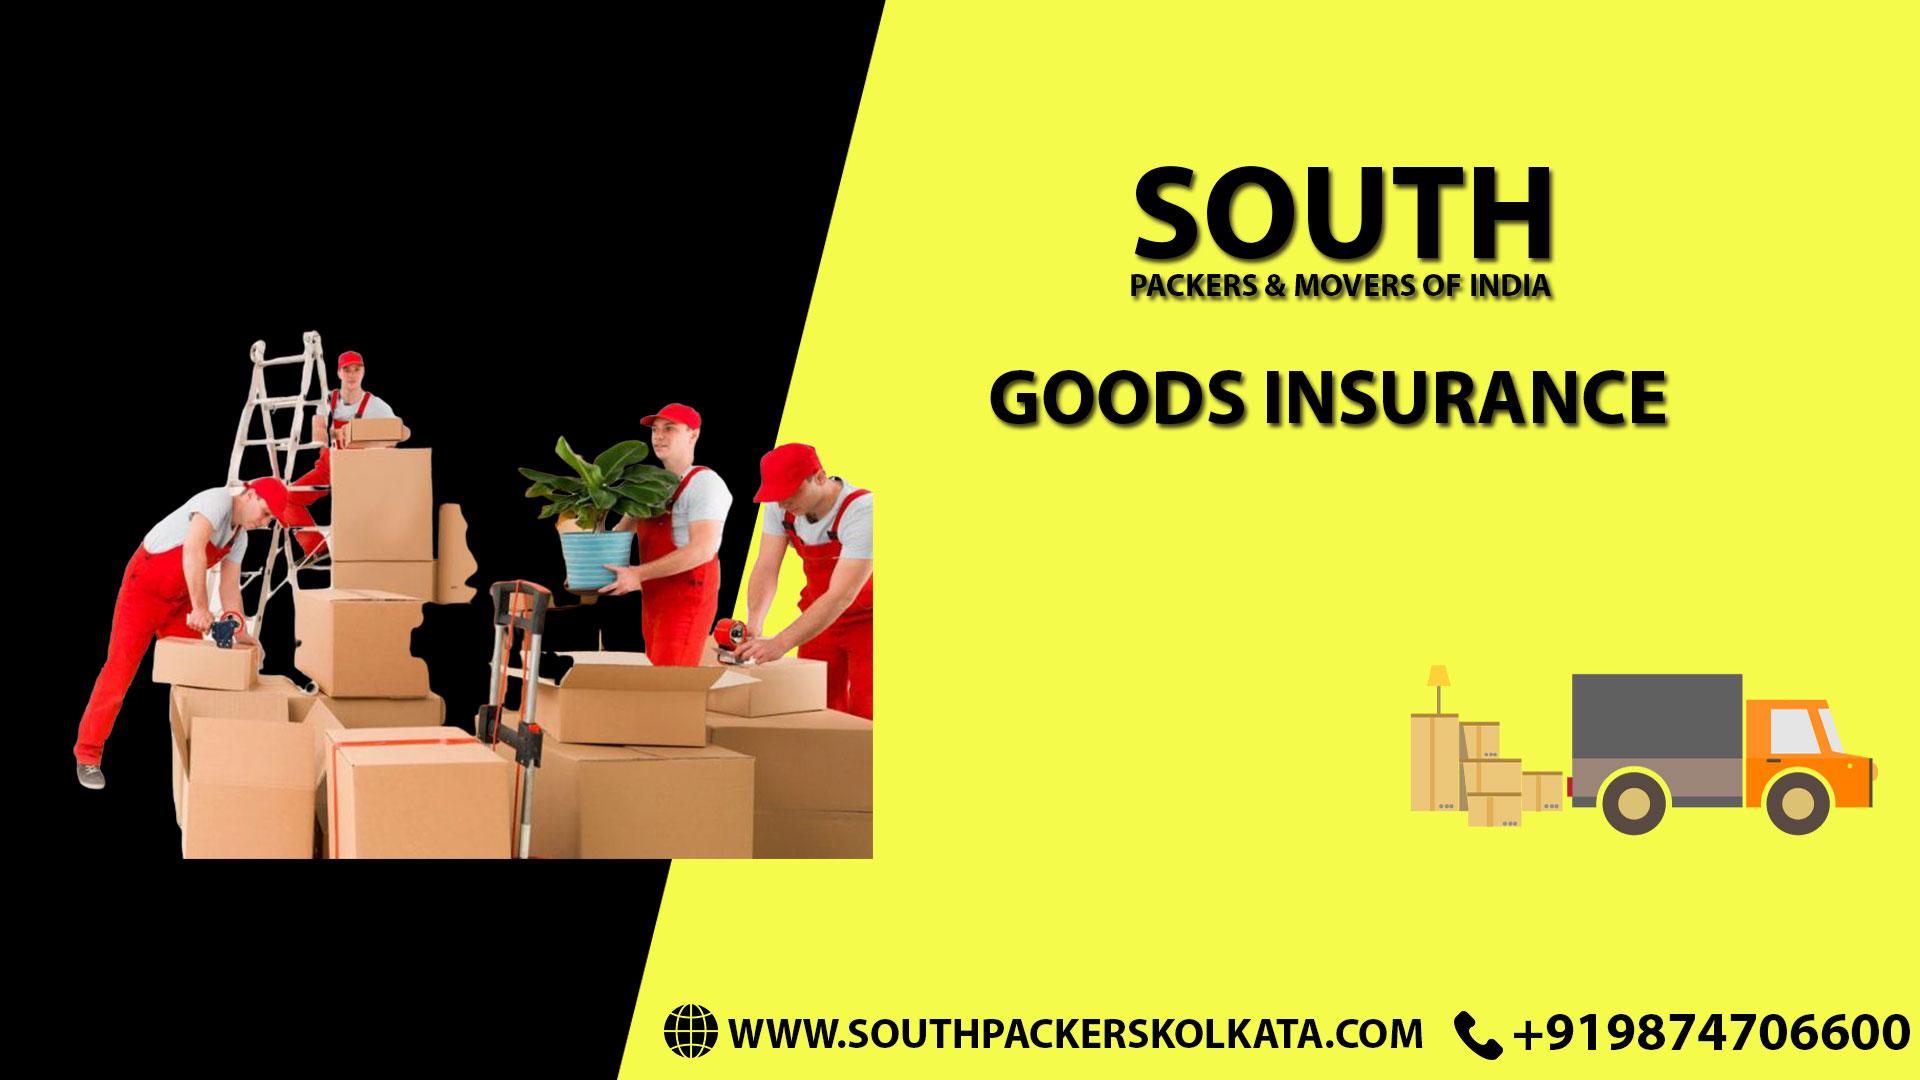 Goods Insurance